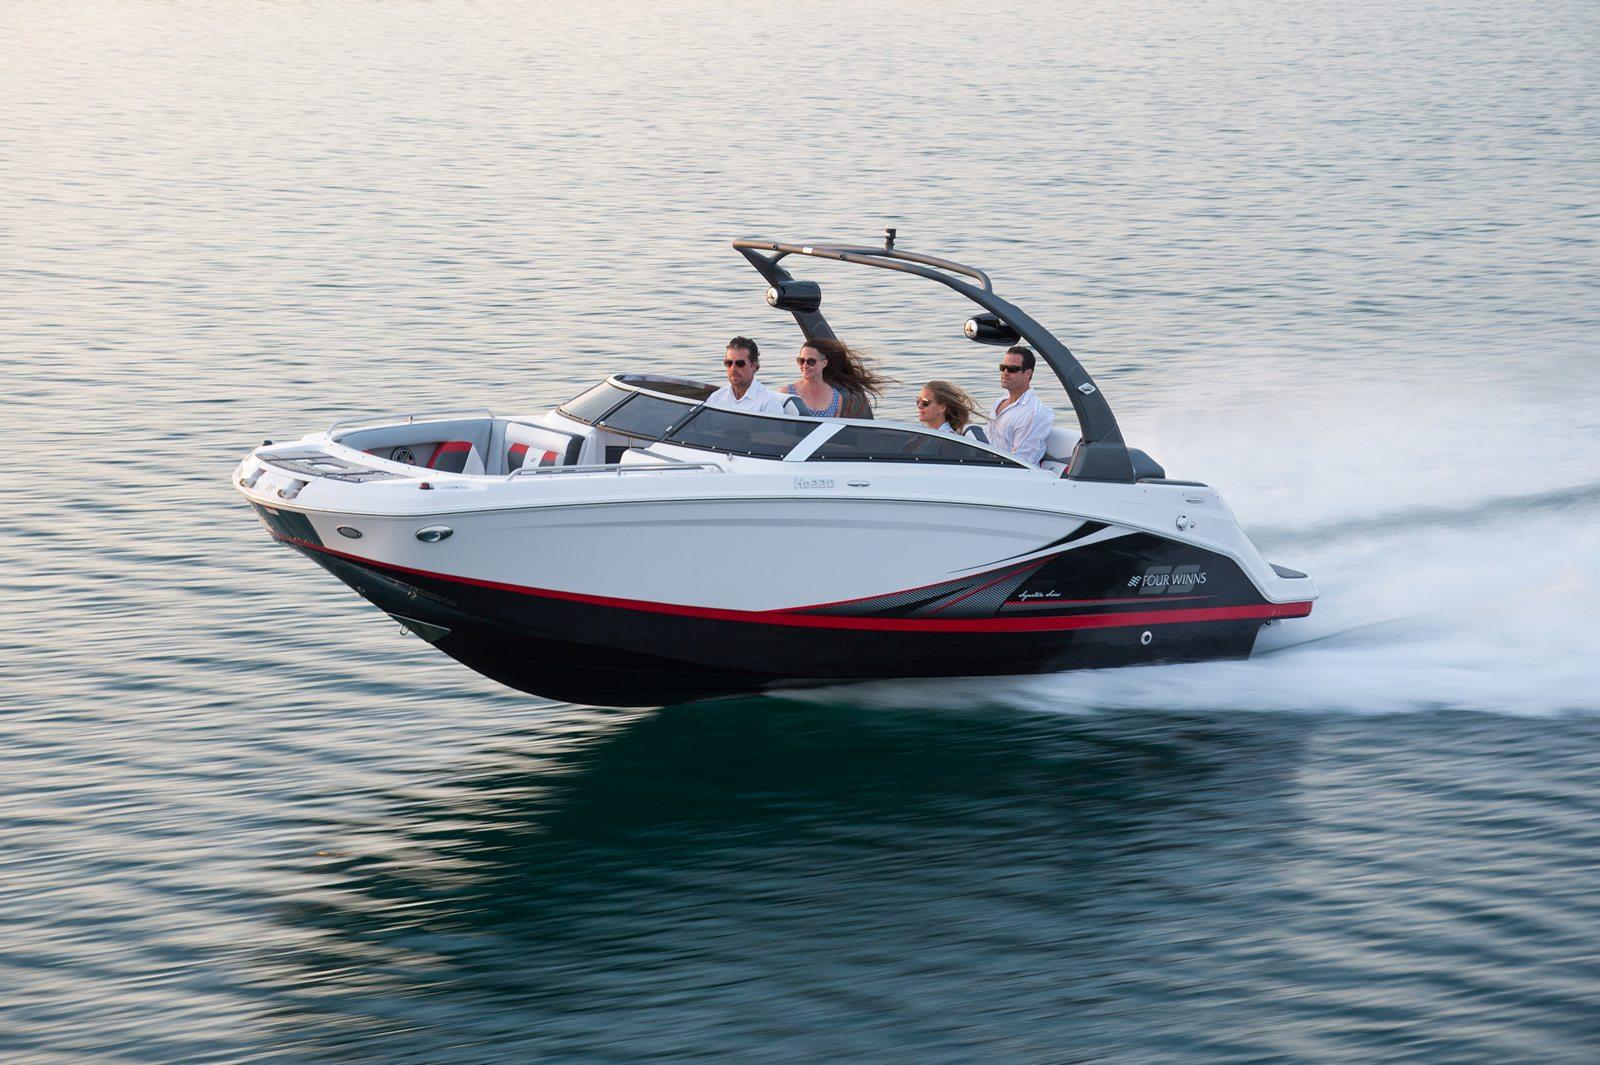 סירת מנוע (ספורט) Four Winns 220 - סירת מנוע (ספורט) Four Winns 220 - סטרים יאכטות